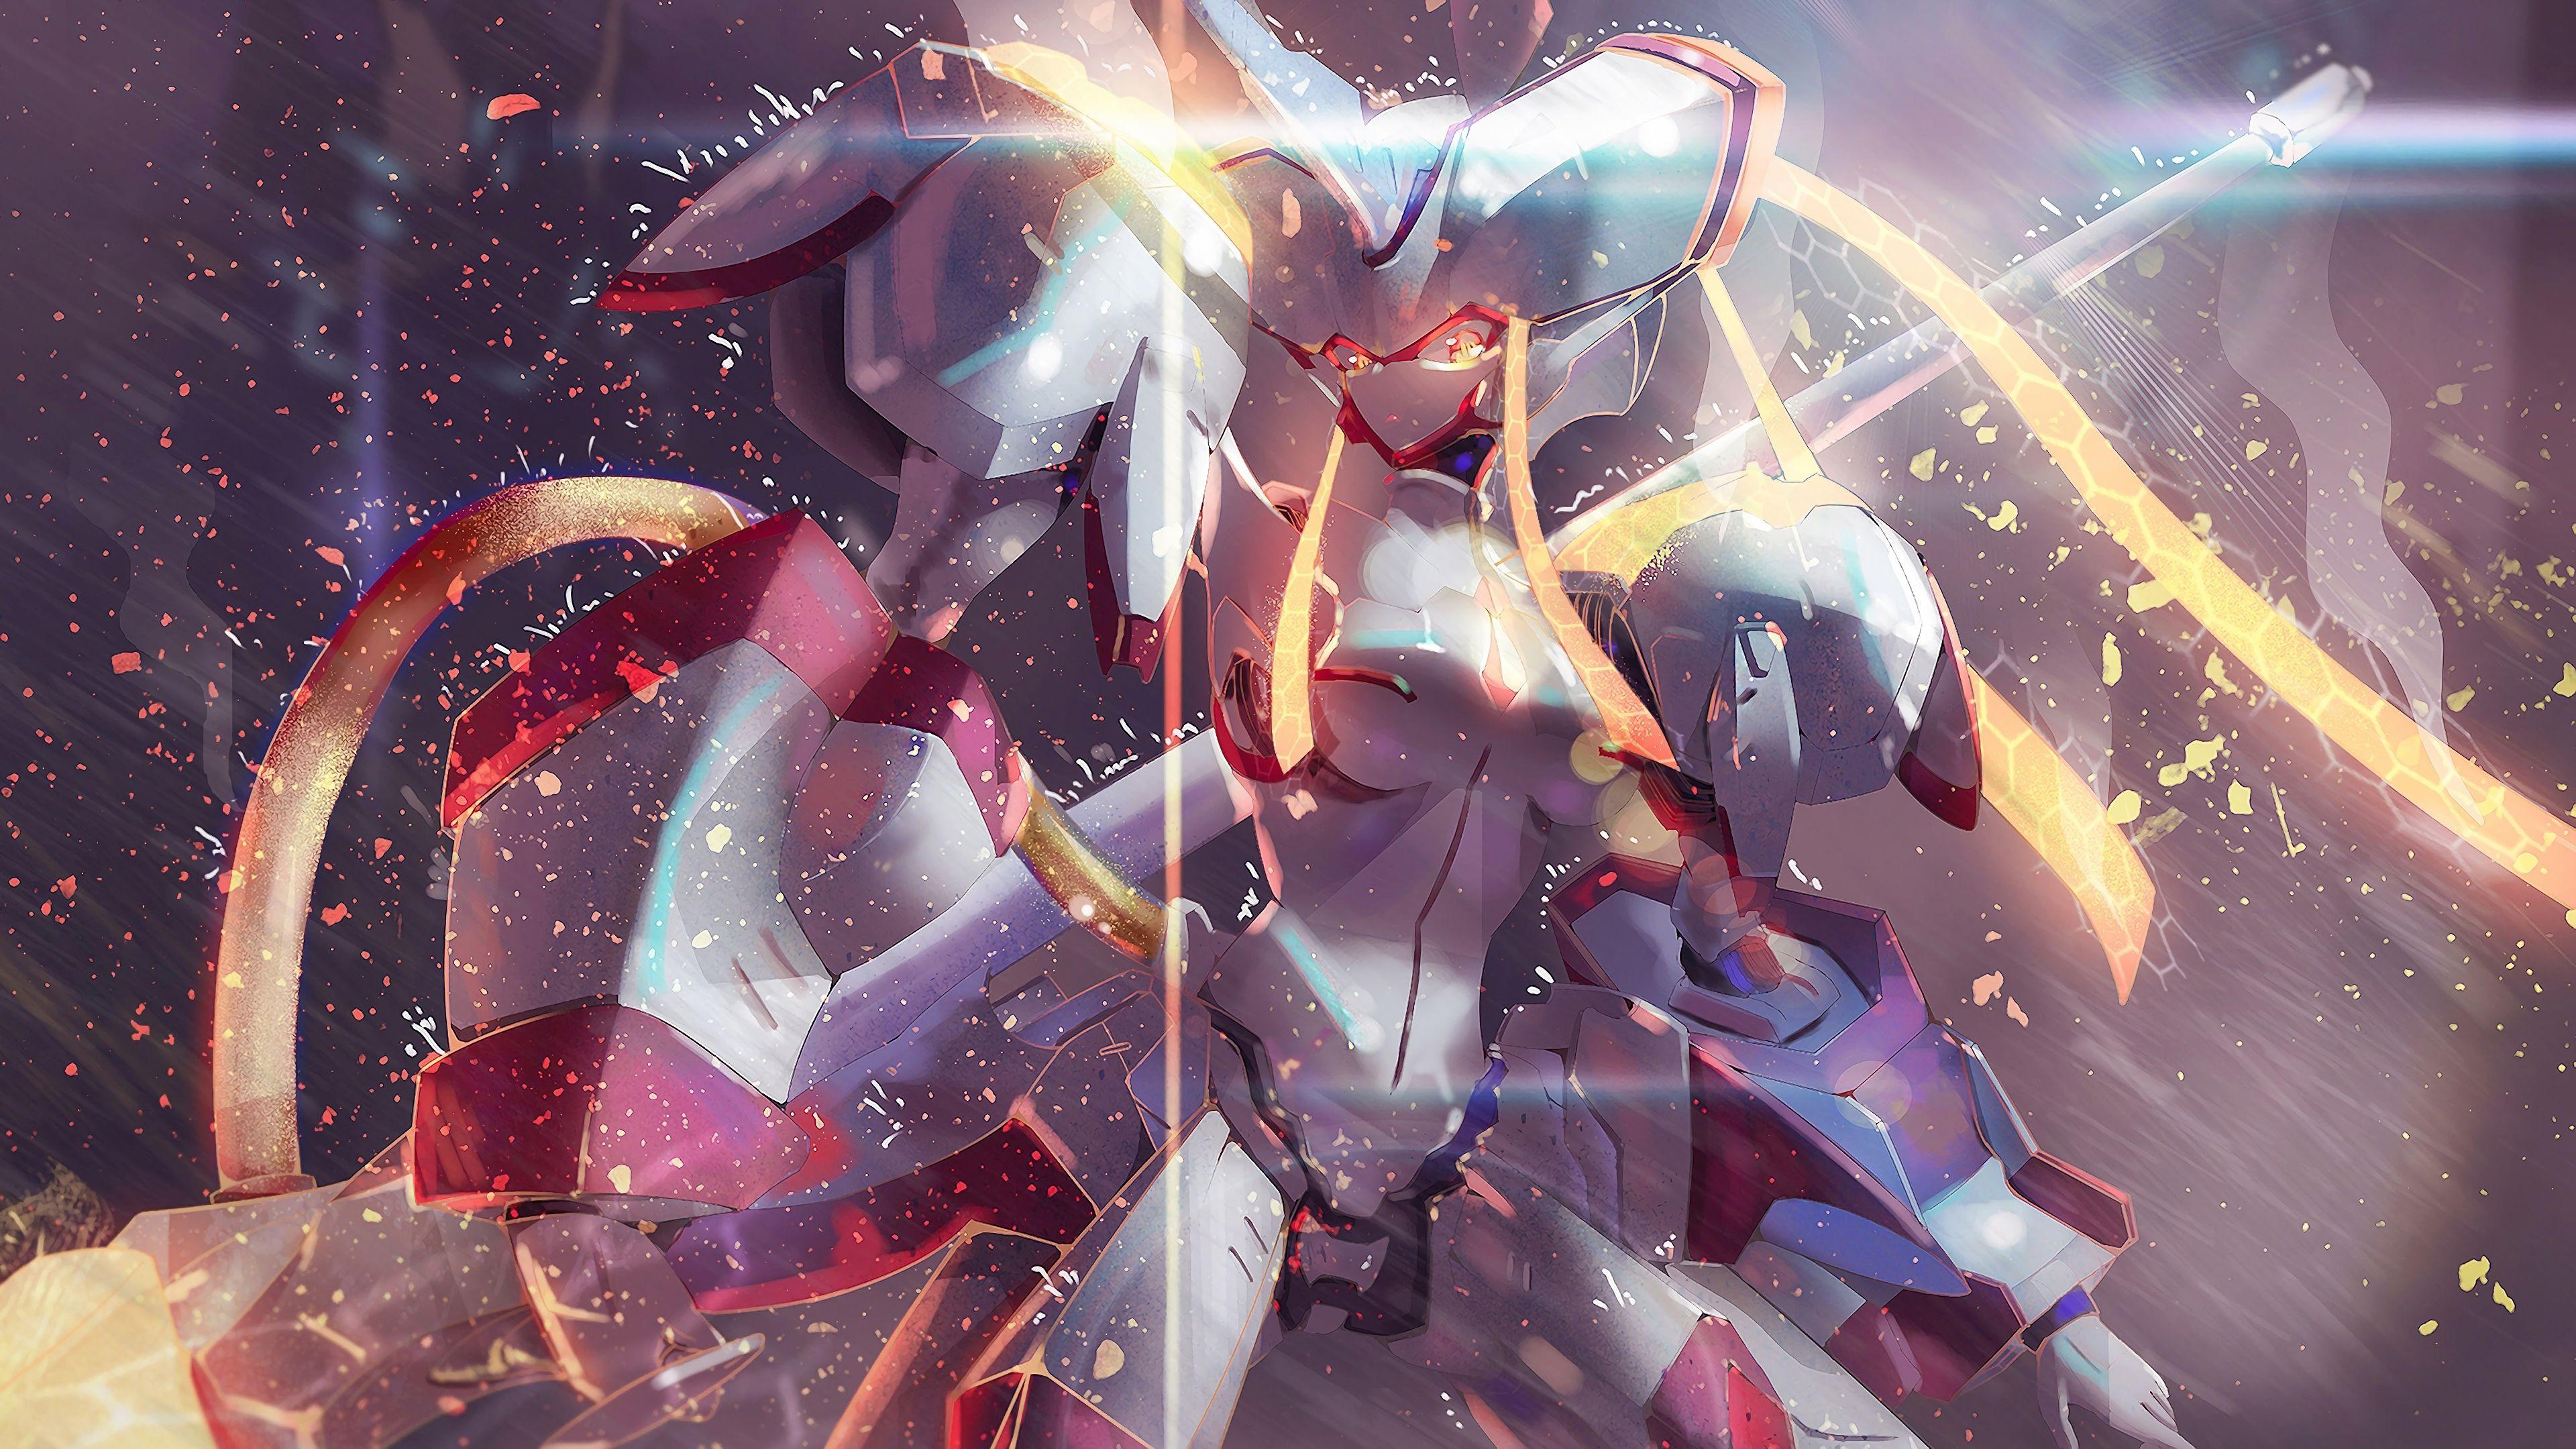 Strelizia Darling In The Franxx Anime Mecha 3840x2160 Wallpaper Darling In The Franxx 3840x2160 Wallpaper Anime